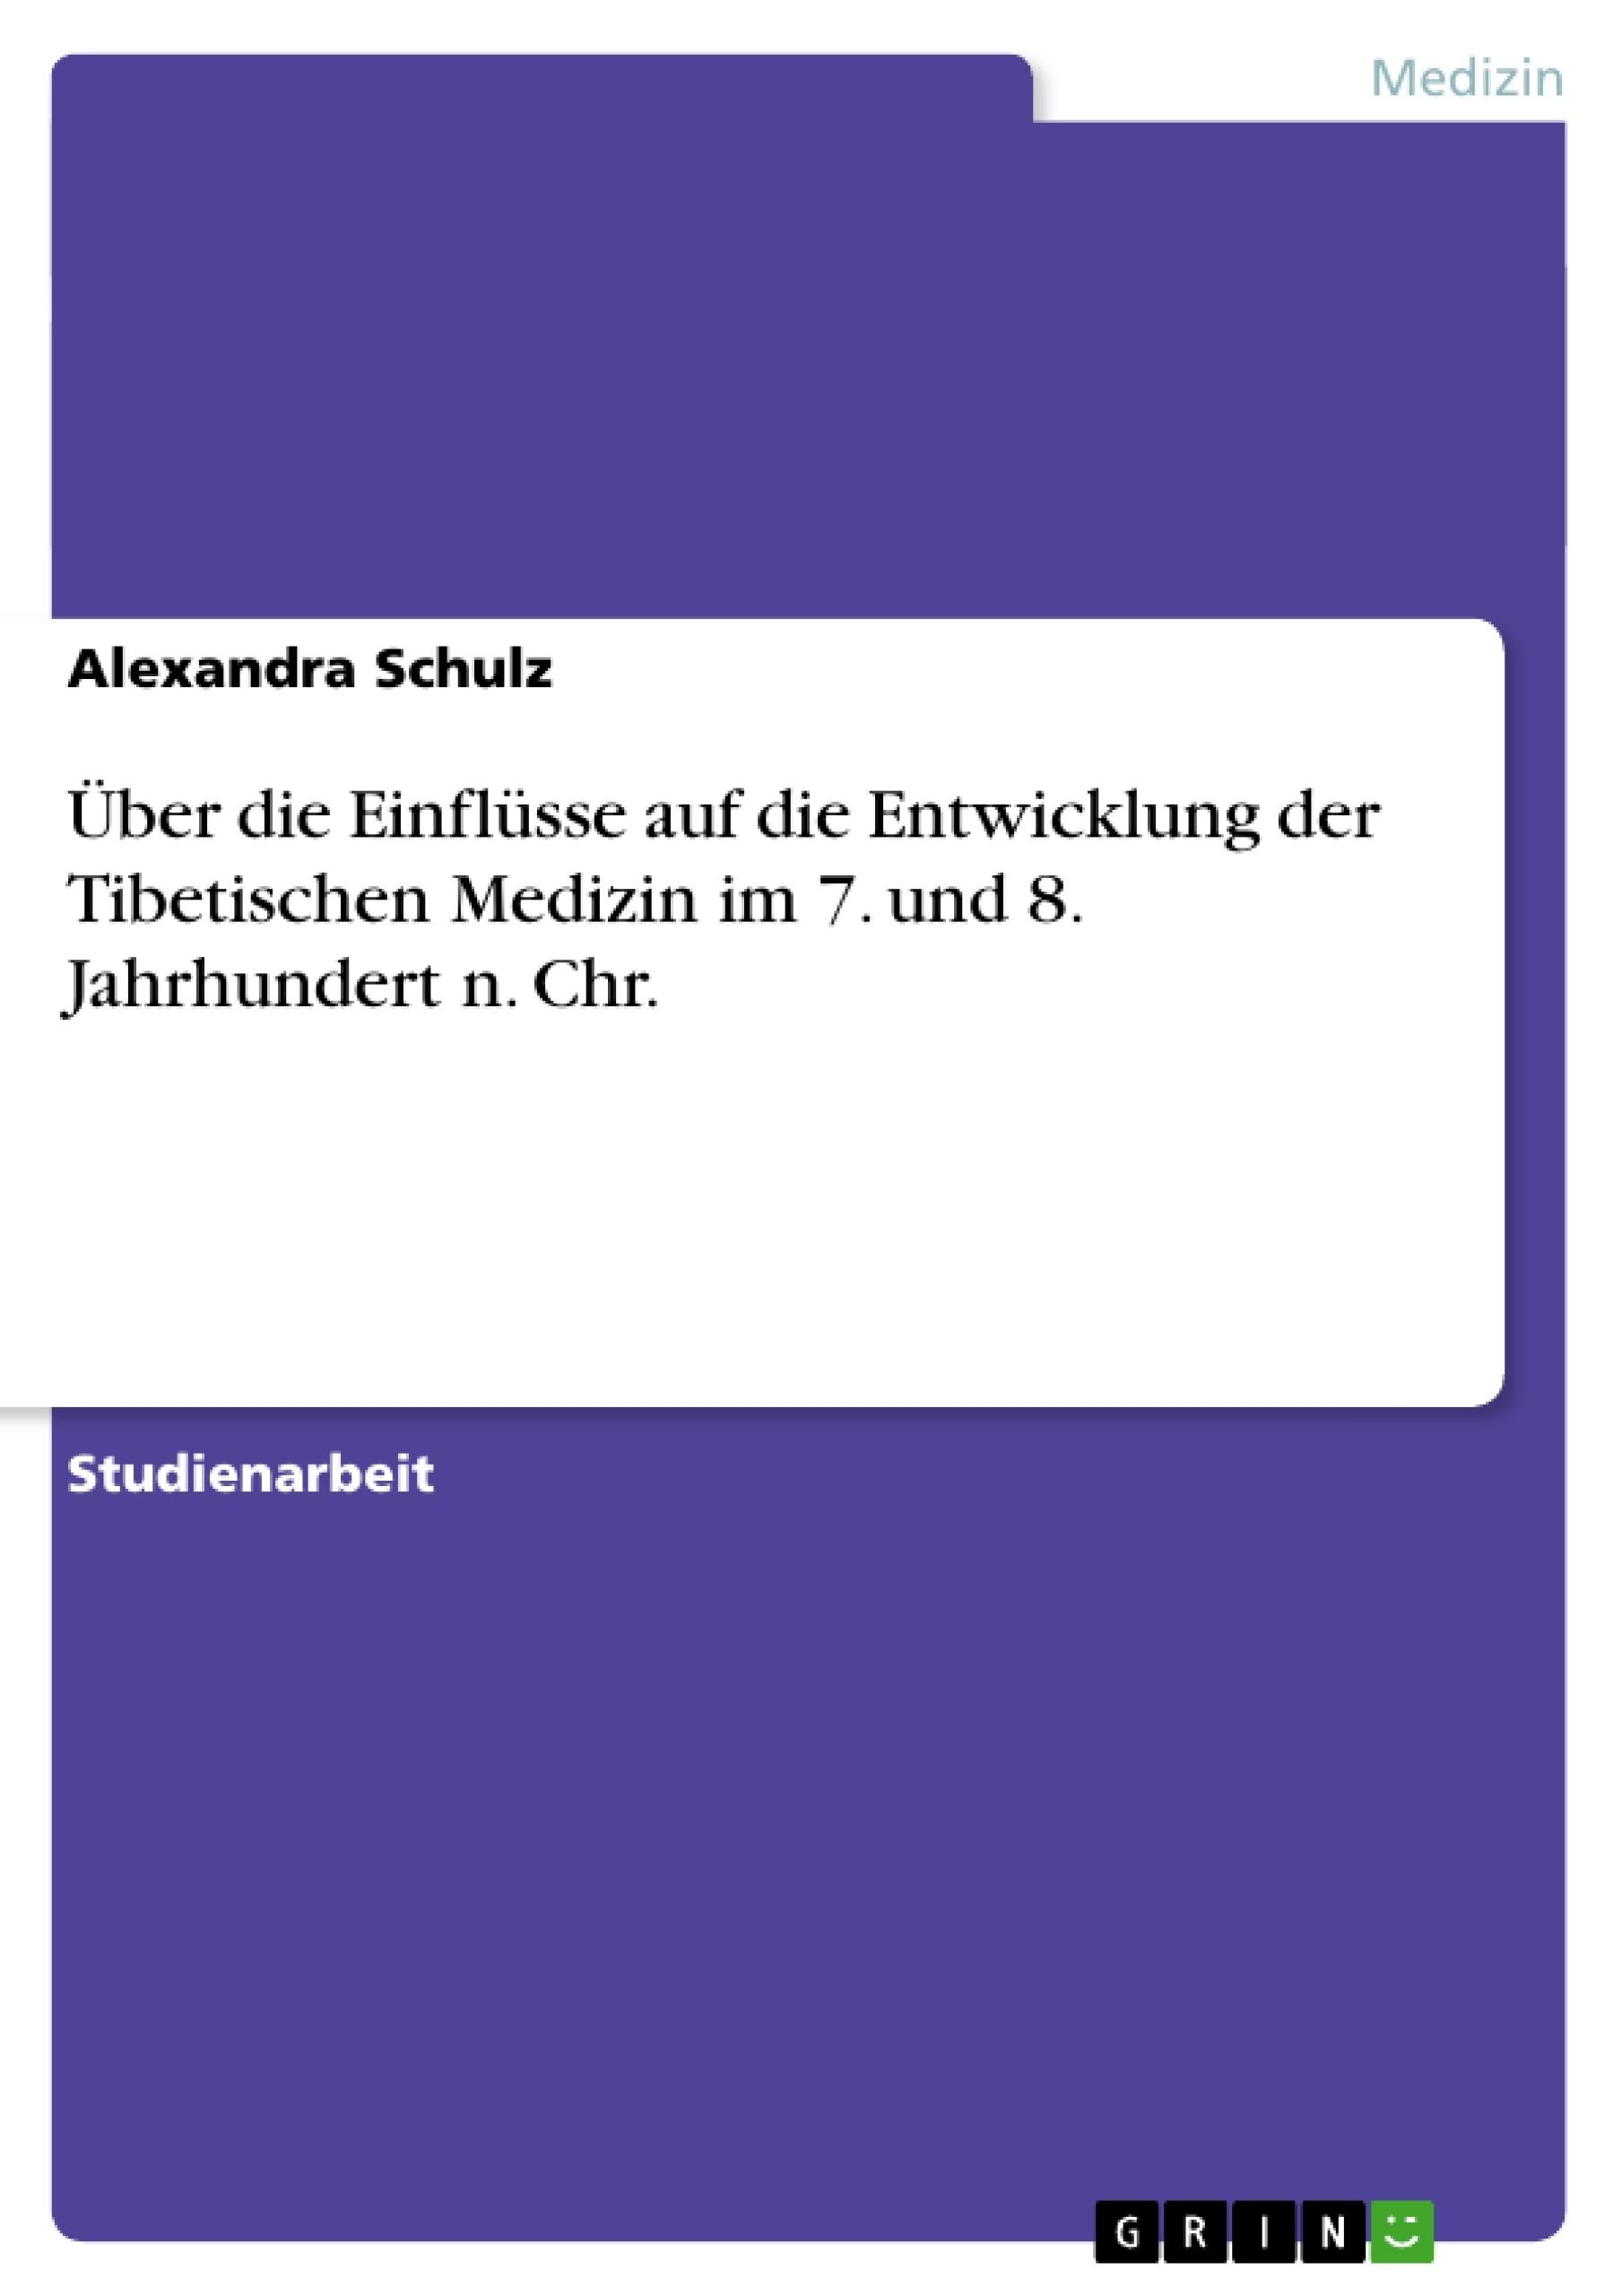 Titel: Über die Einflüsse auf die Entwicklung der Tibetischen Medizin im 7. und 8. Jahrhundert n. Chr.